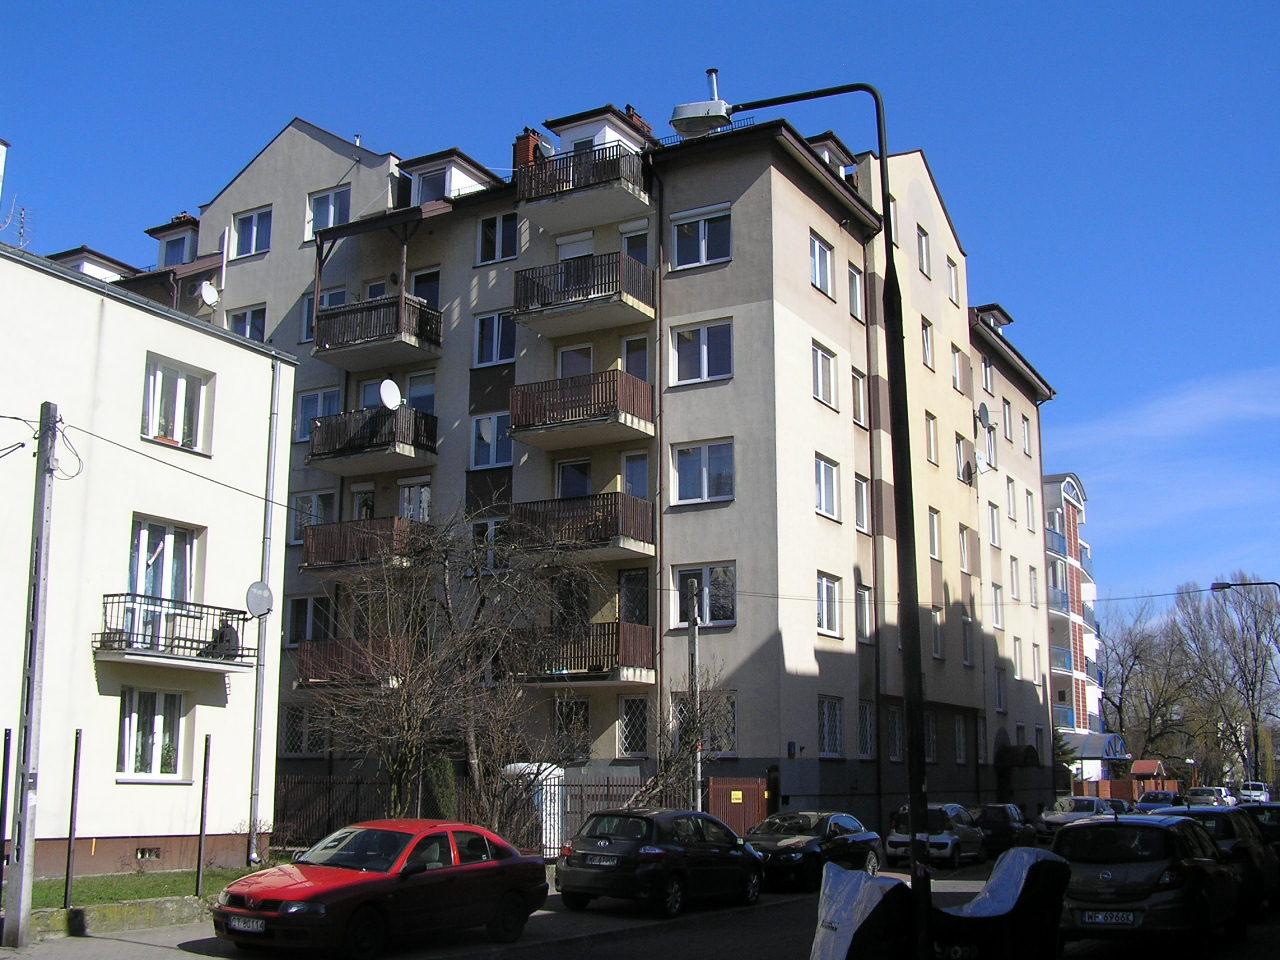 Budynek przy ulicy Paca 6 na Grochowie